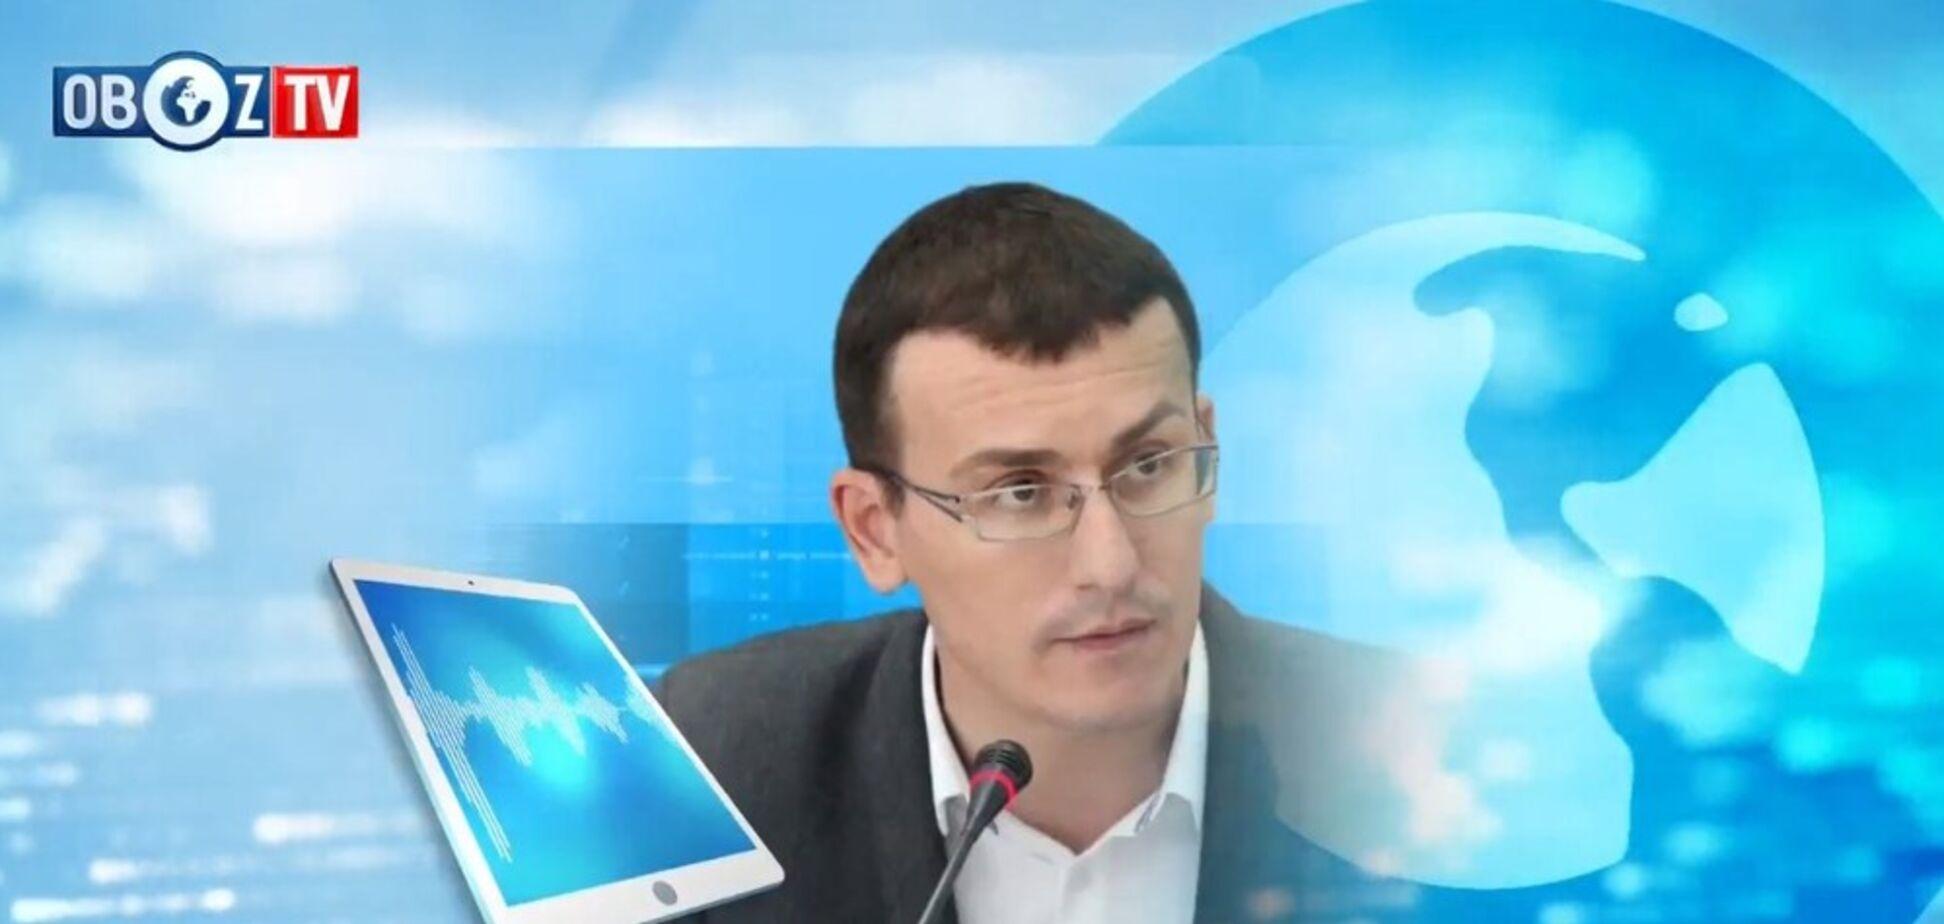 'Проти Міністерства цензури': у Спілці журналістів висунули умову Зеленському